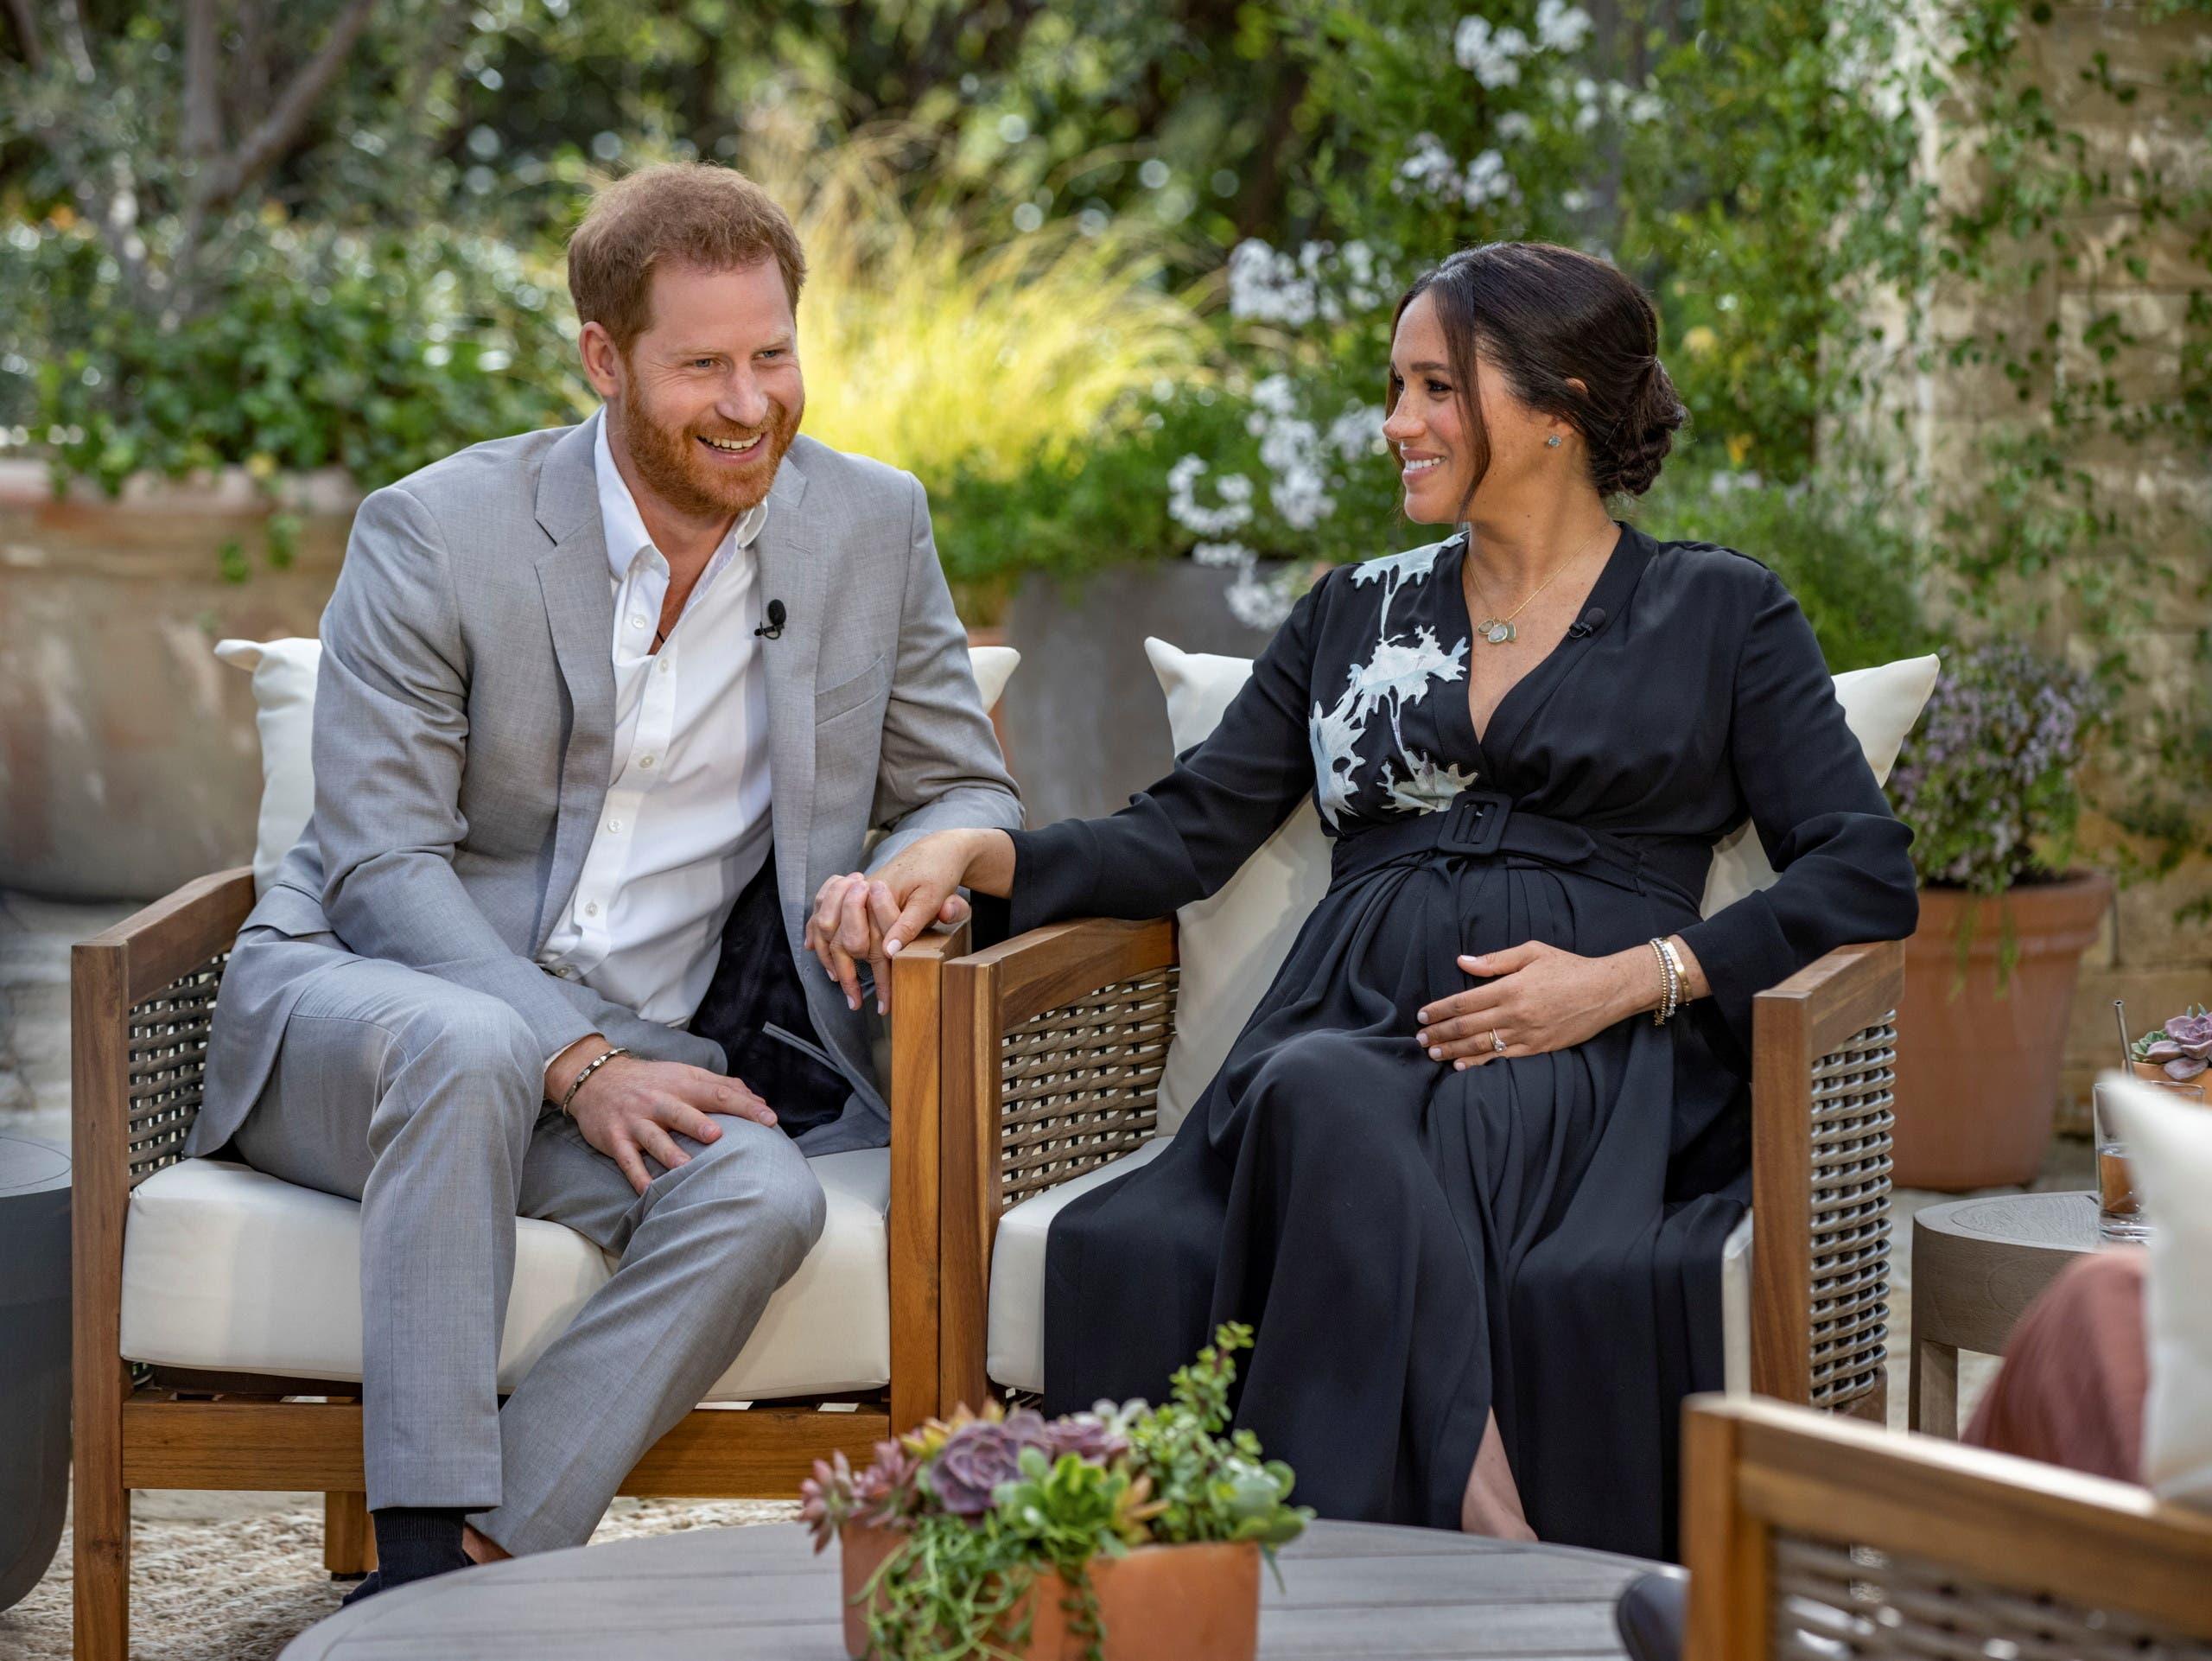 من مقابلة الأمير هاري وميغان مع أوبرا وينفري